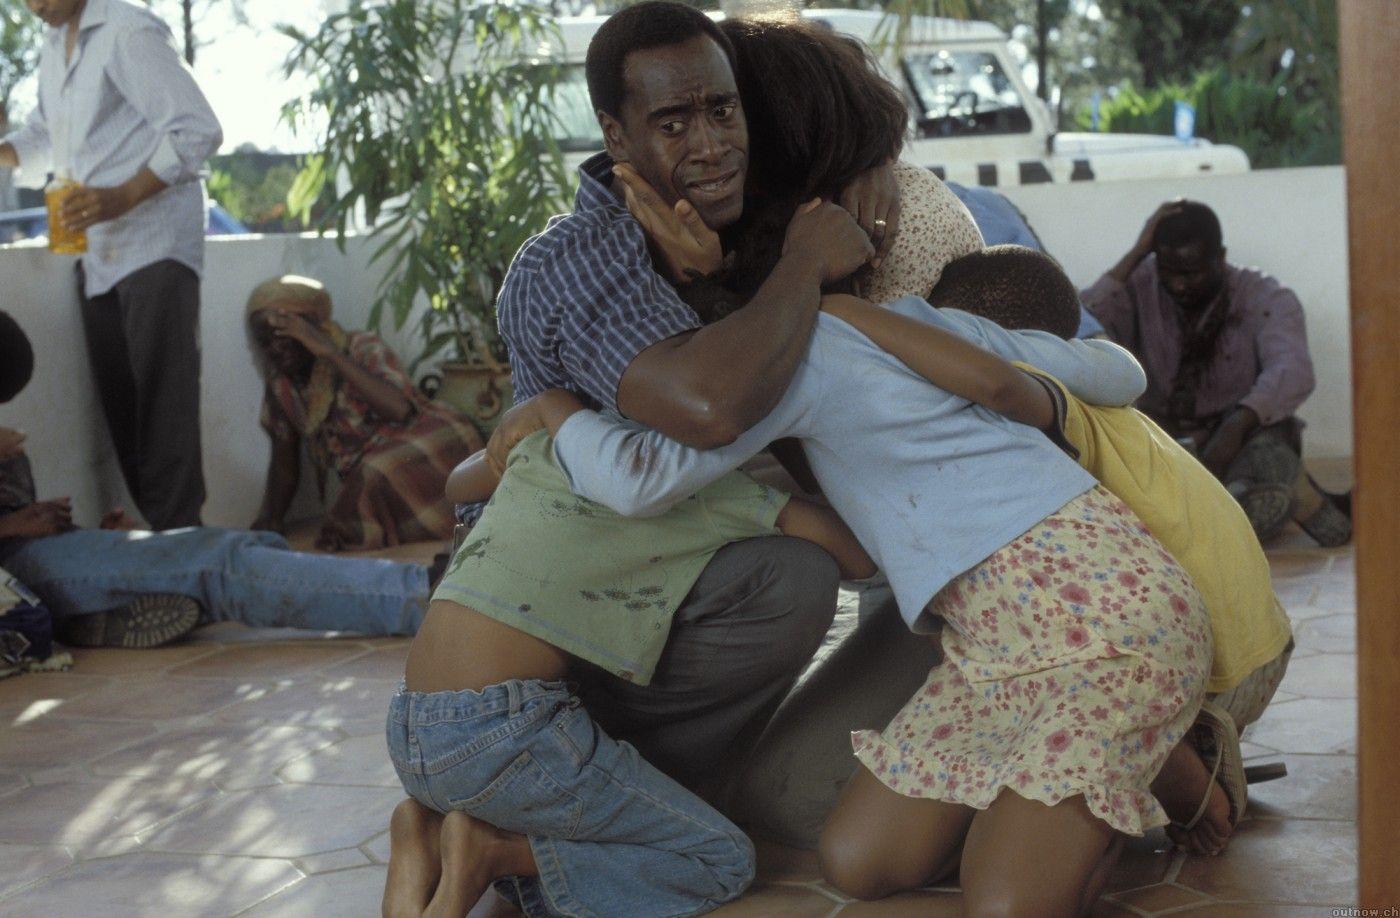 Hotel Rwanda 2004 The True Story Of Paul Rusesabagina A Hotel